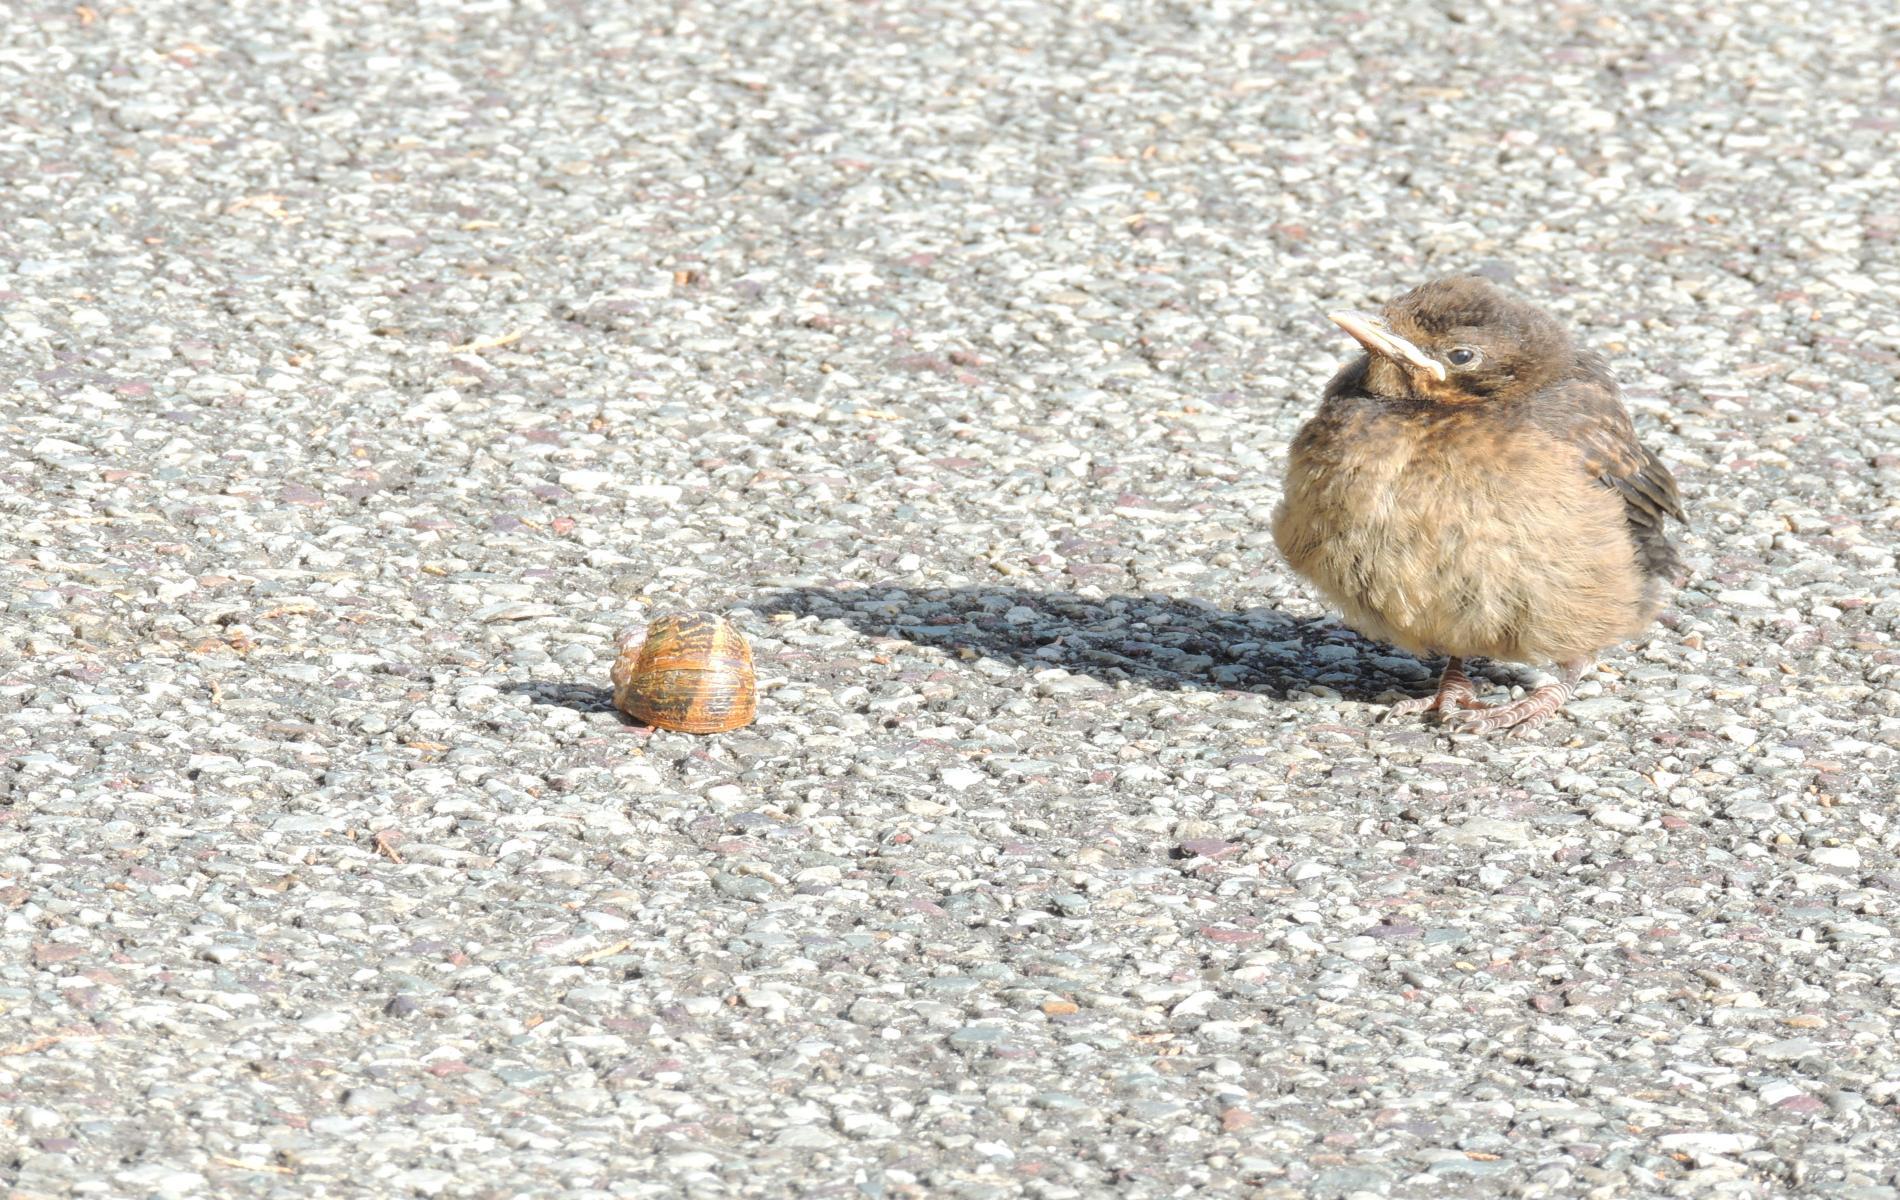 l'oiseau et l'escargot copains